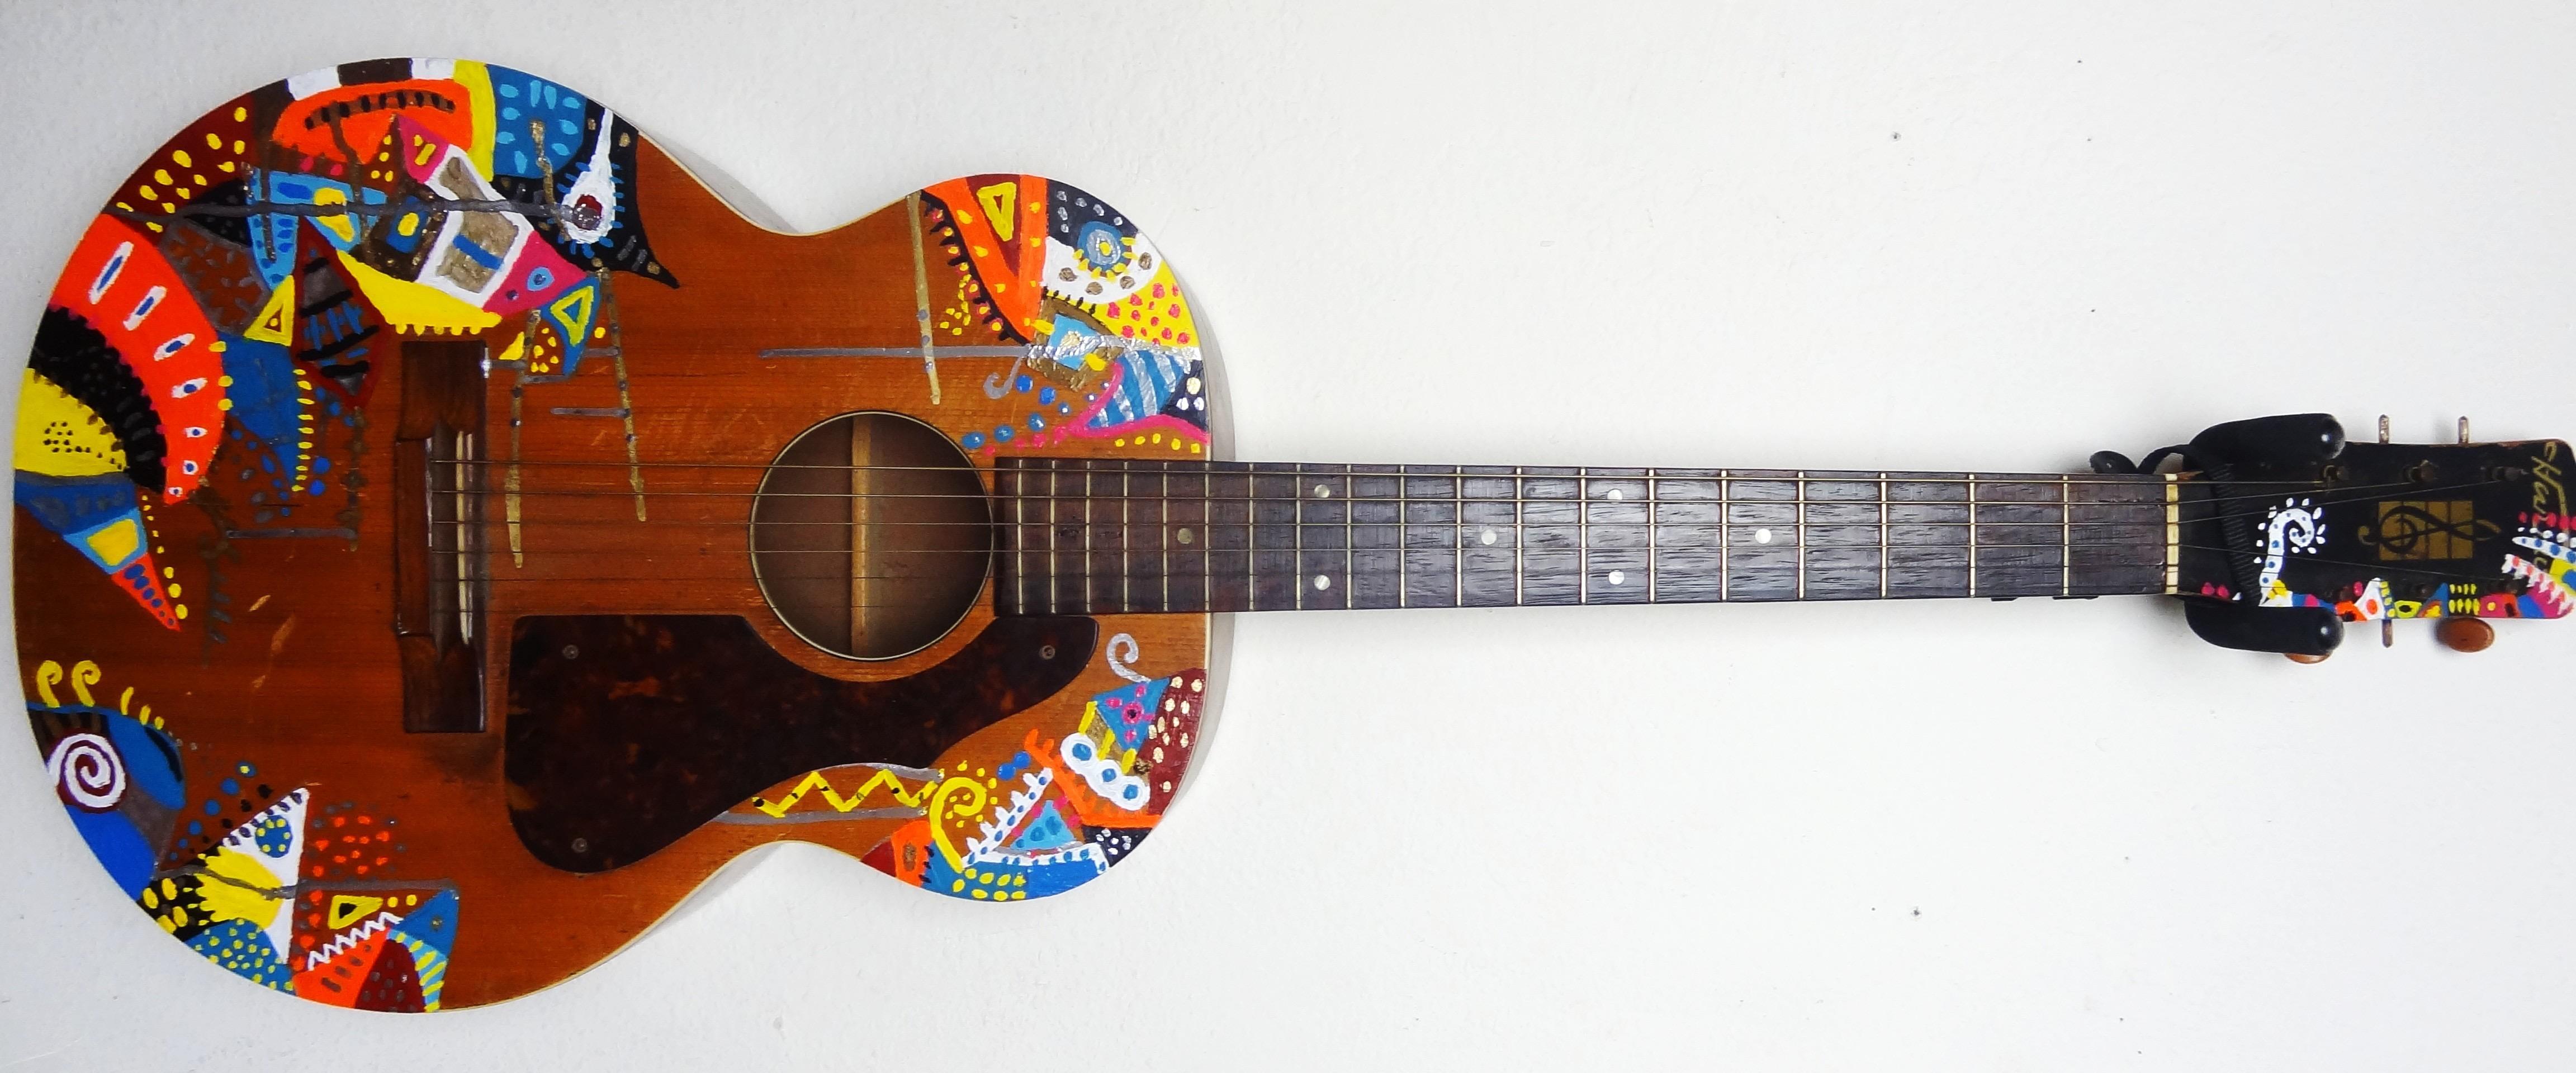 Custom Painted guitar 1